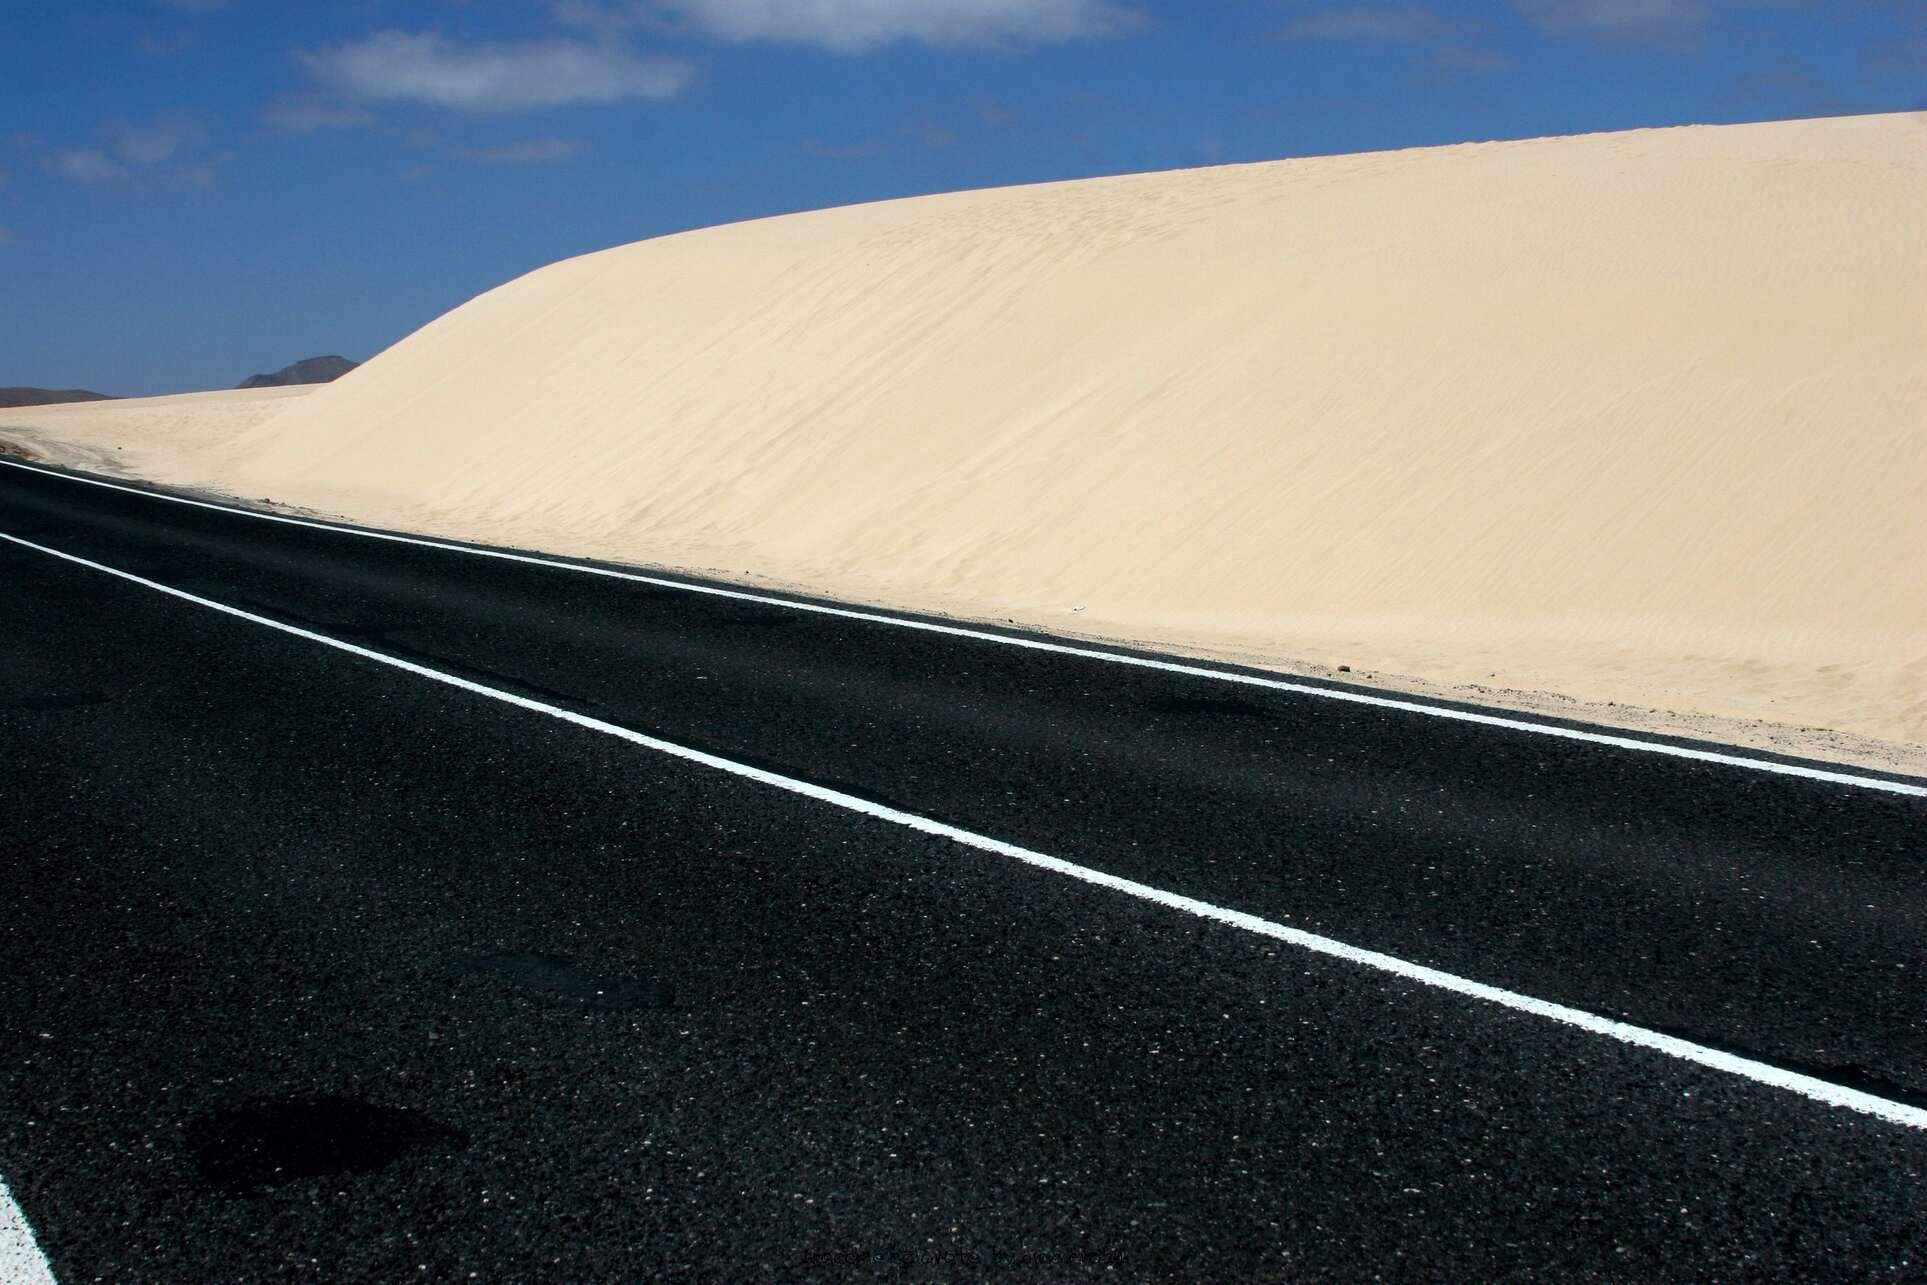 1911-sabbia-e-asfalto-4